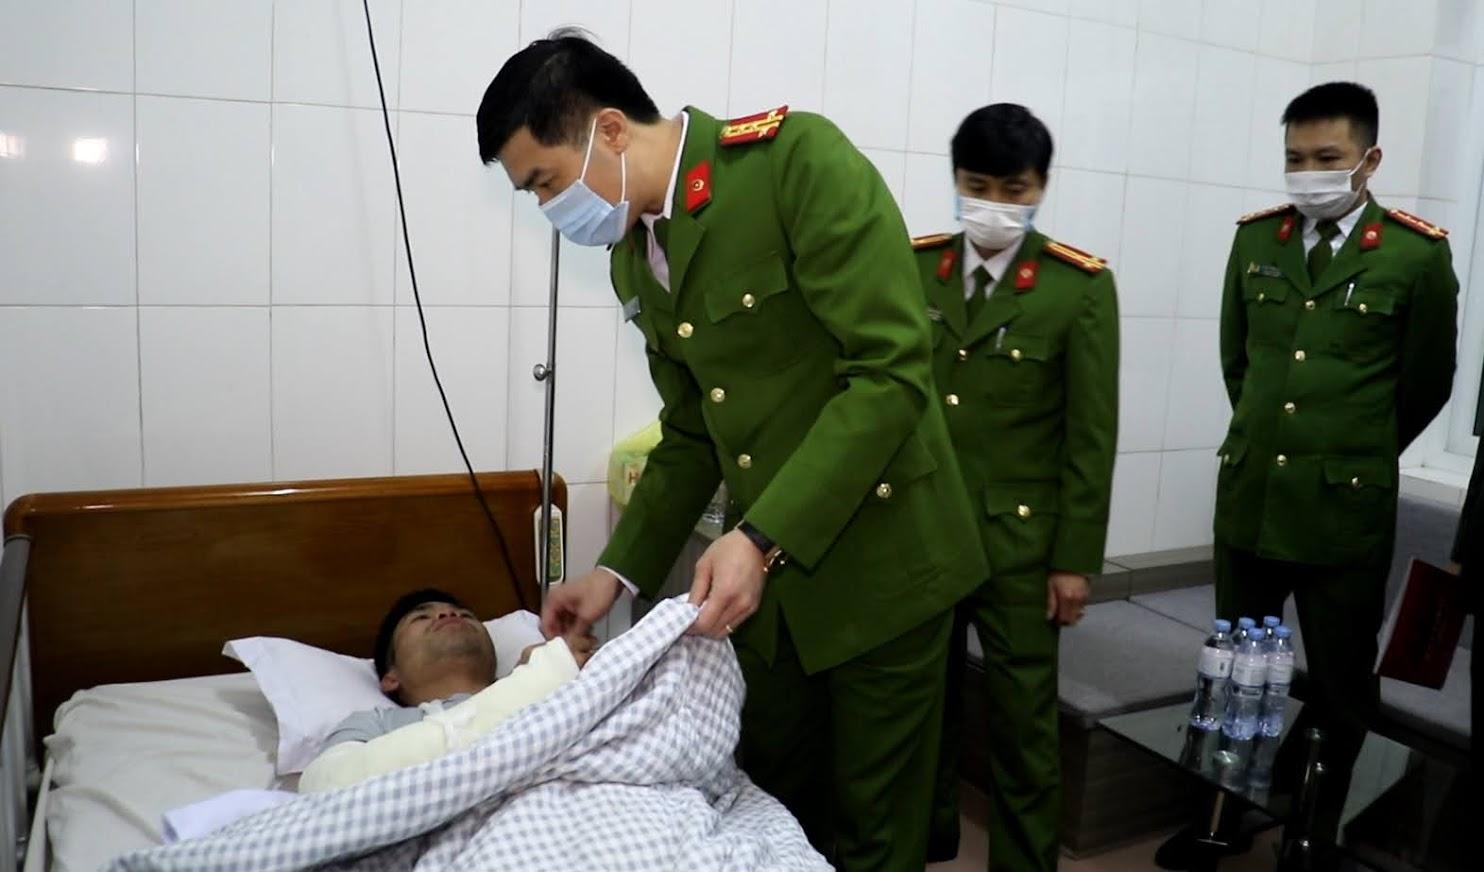 Lãnh đạo Công an tỉnh Nghệ An thăm hỏi, động viên cán bộ công an bị thương trong khi làm nhiệm vụ